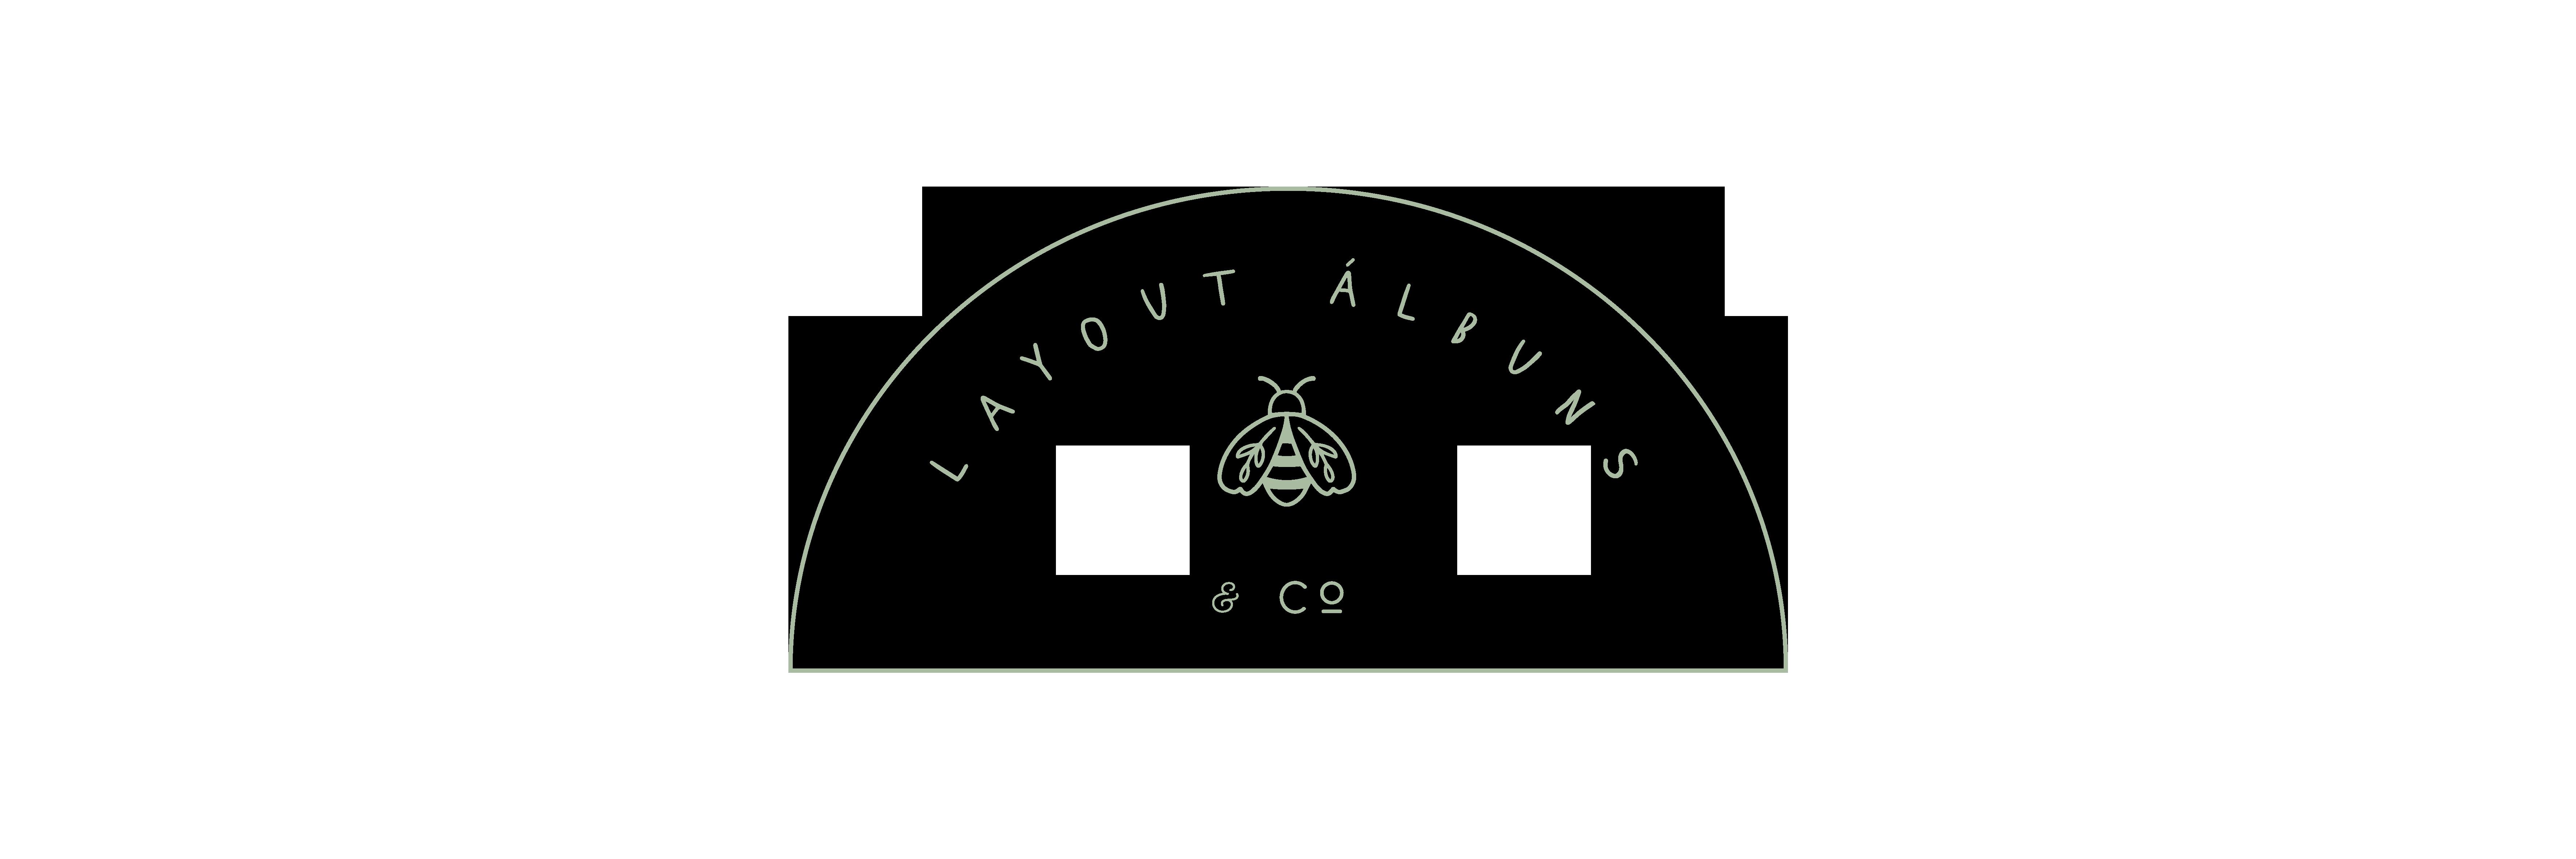 Layout Álbuns & Co.